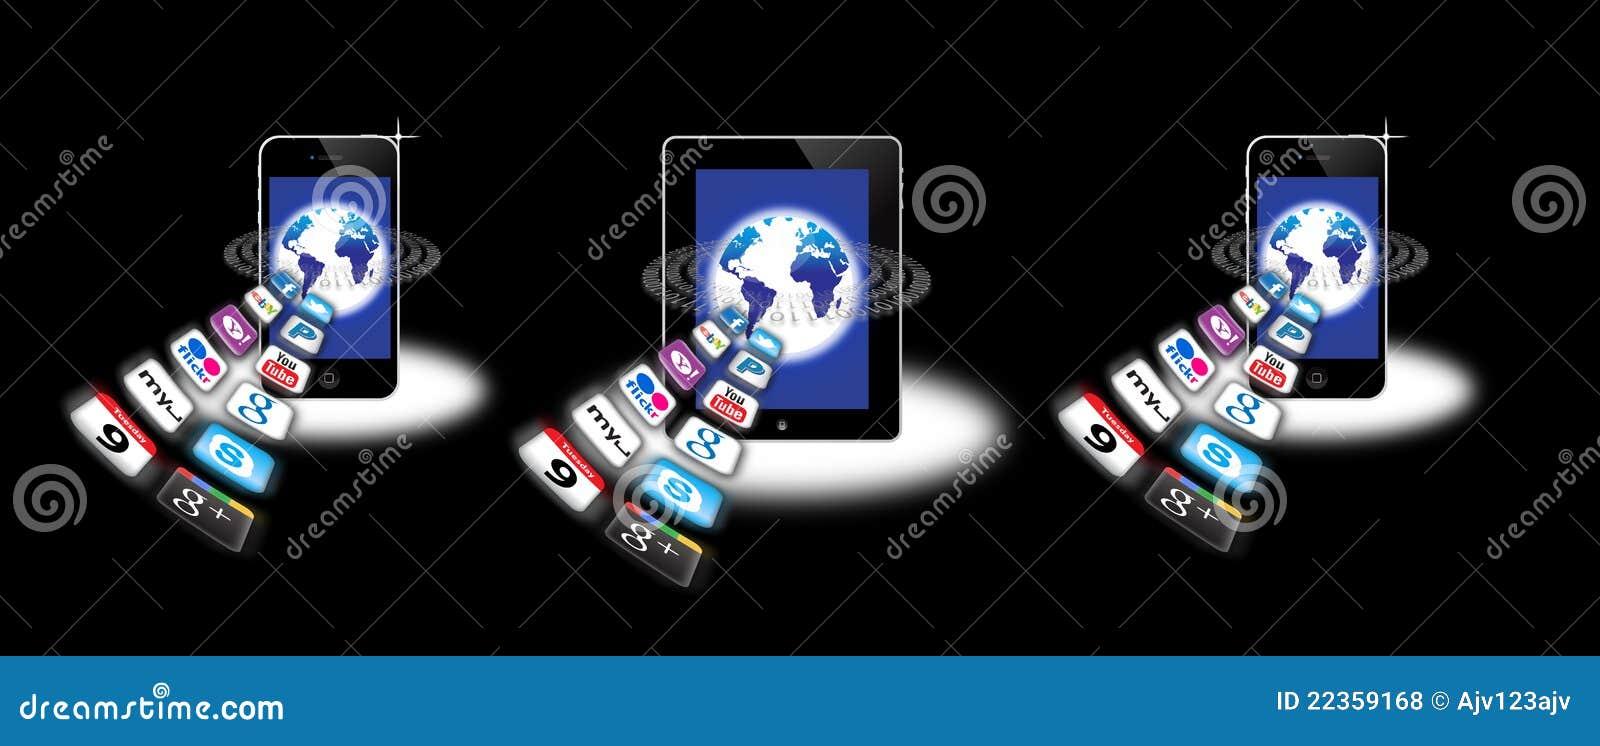 Apps移动电话网络